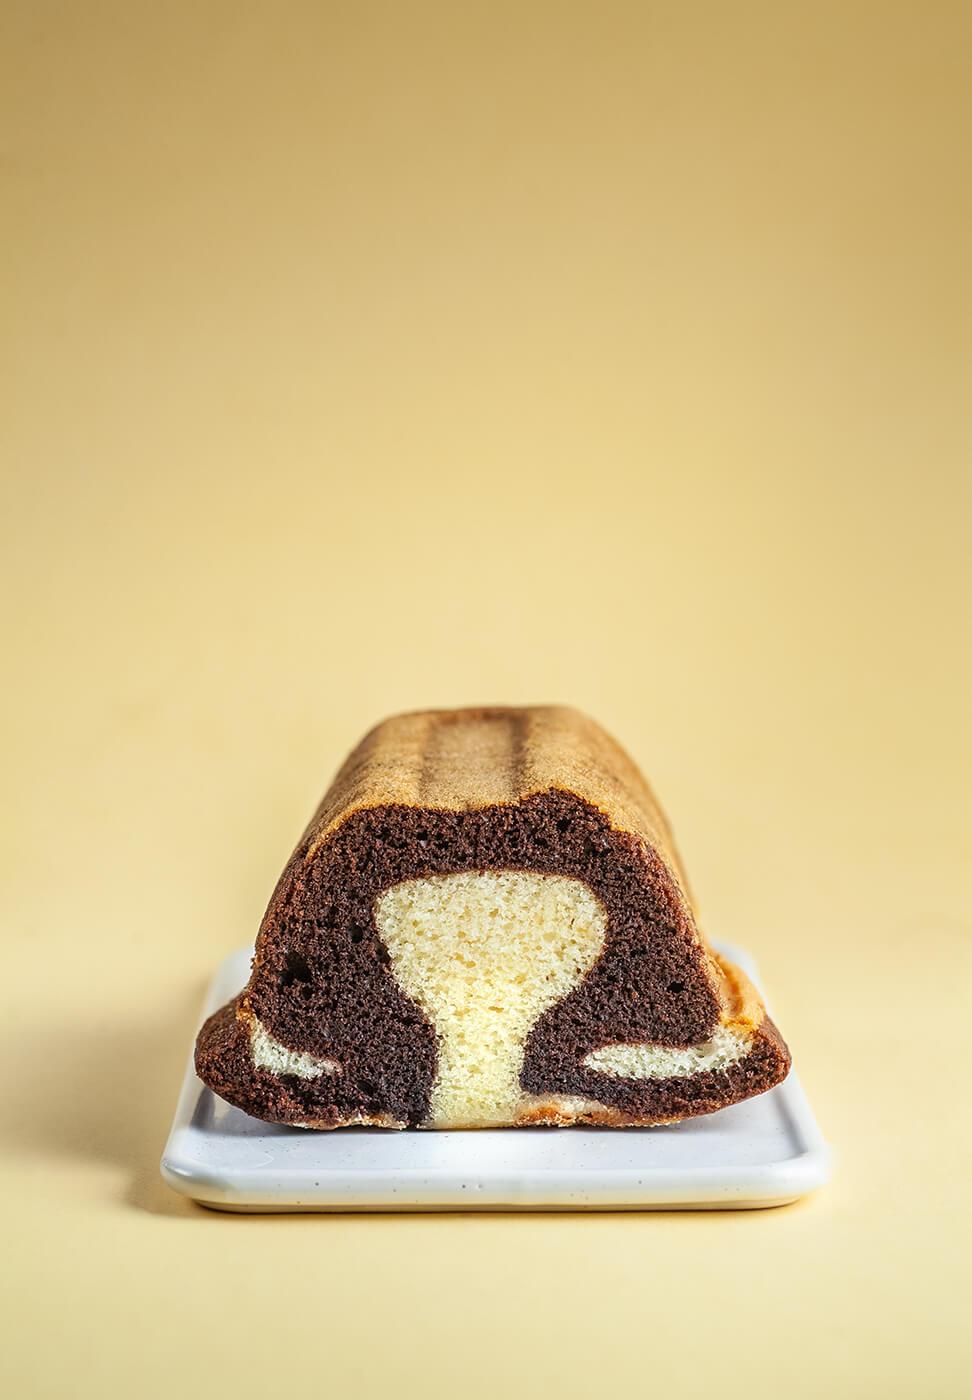 ciasto marmurkowe położone na białym talerzyku